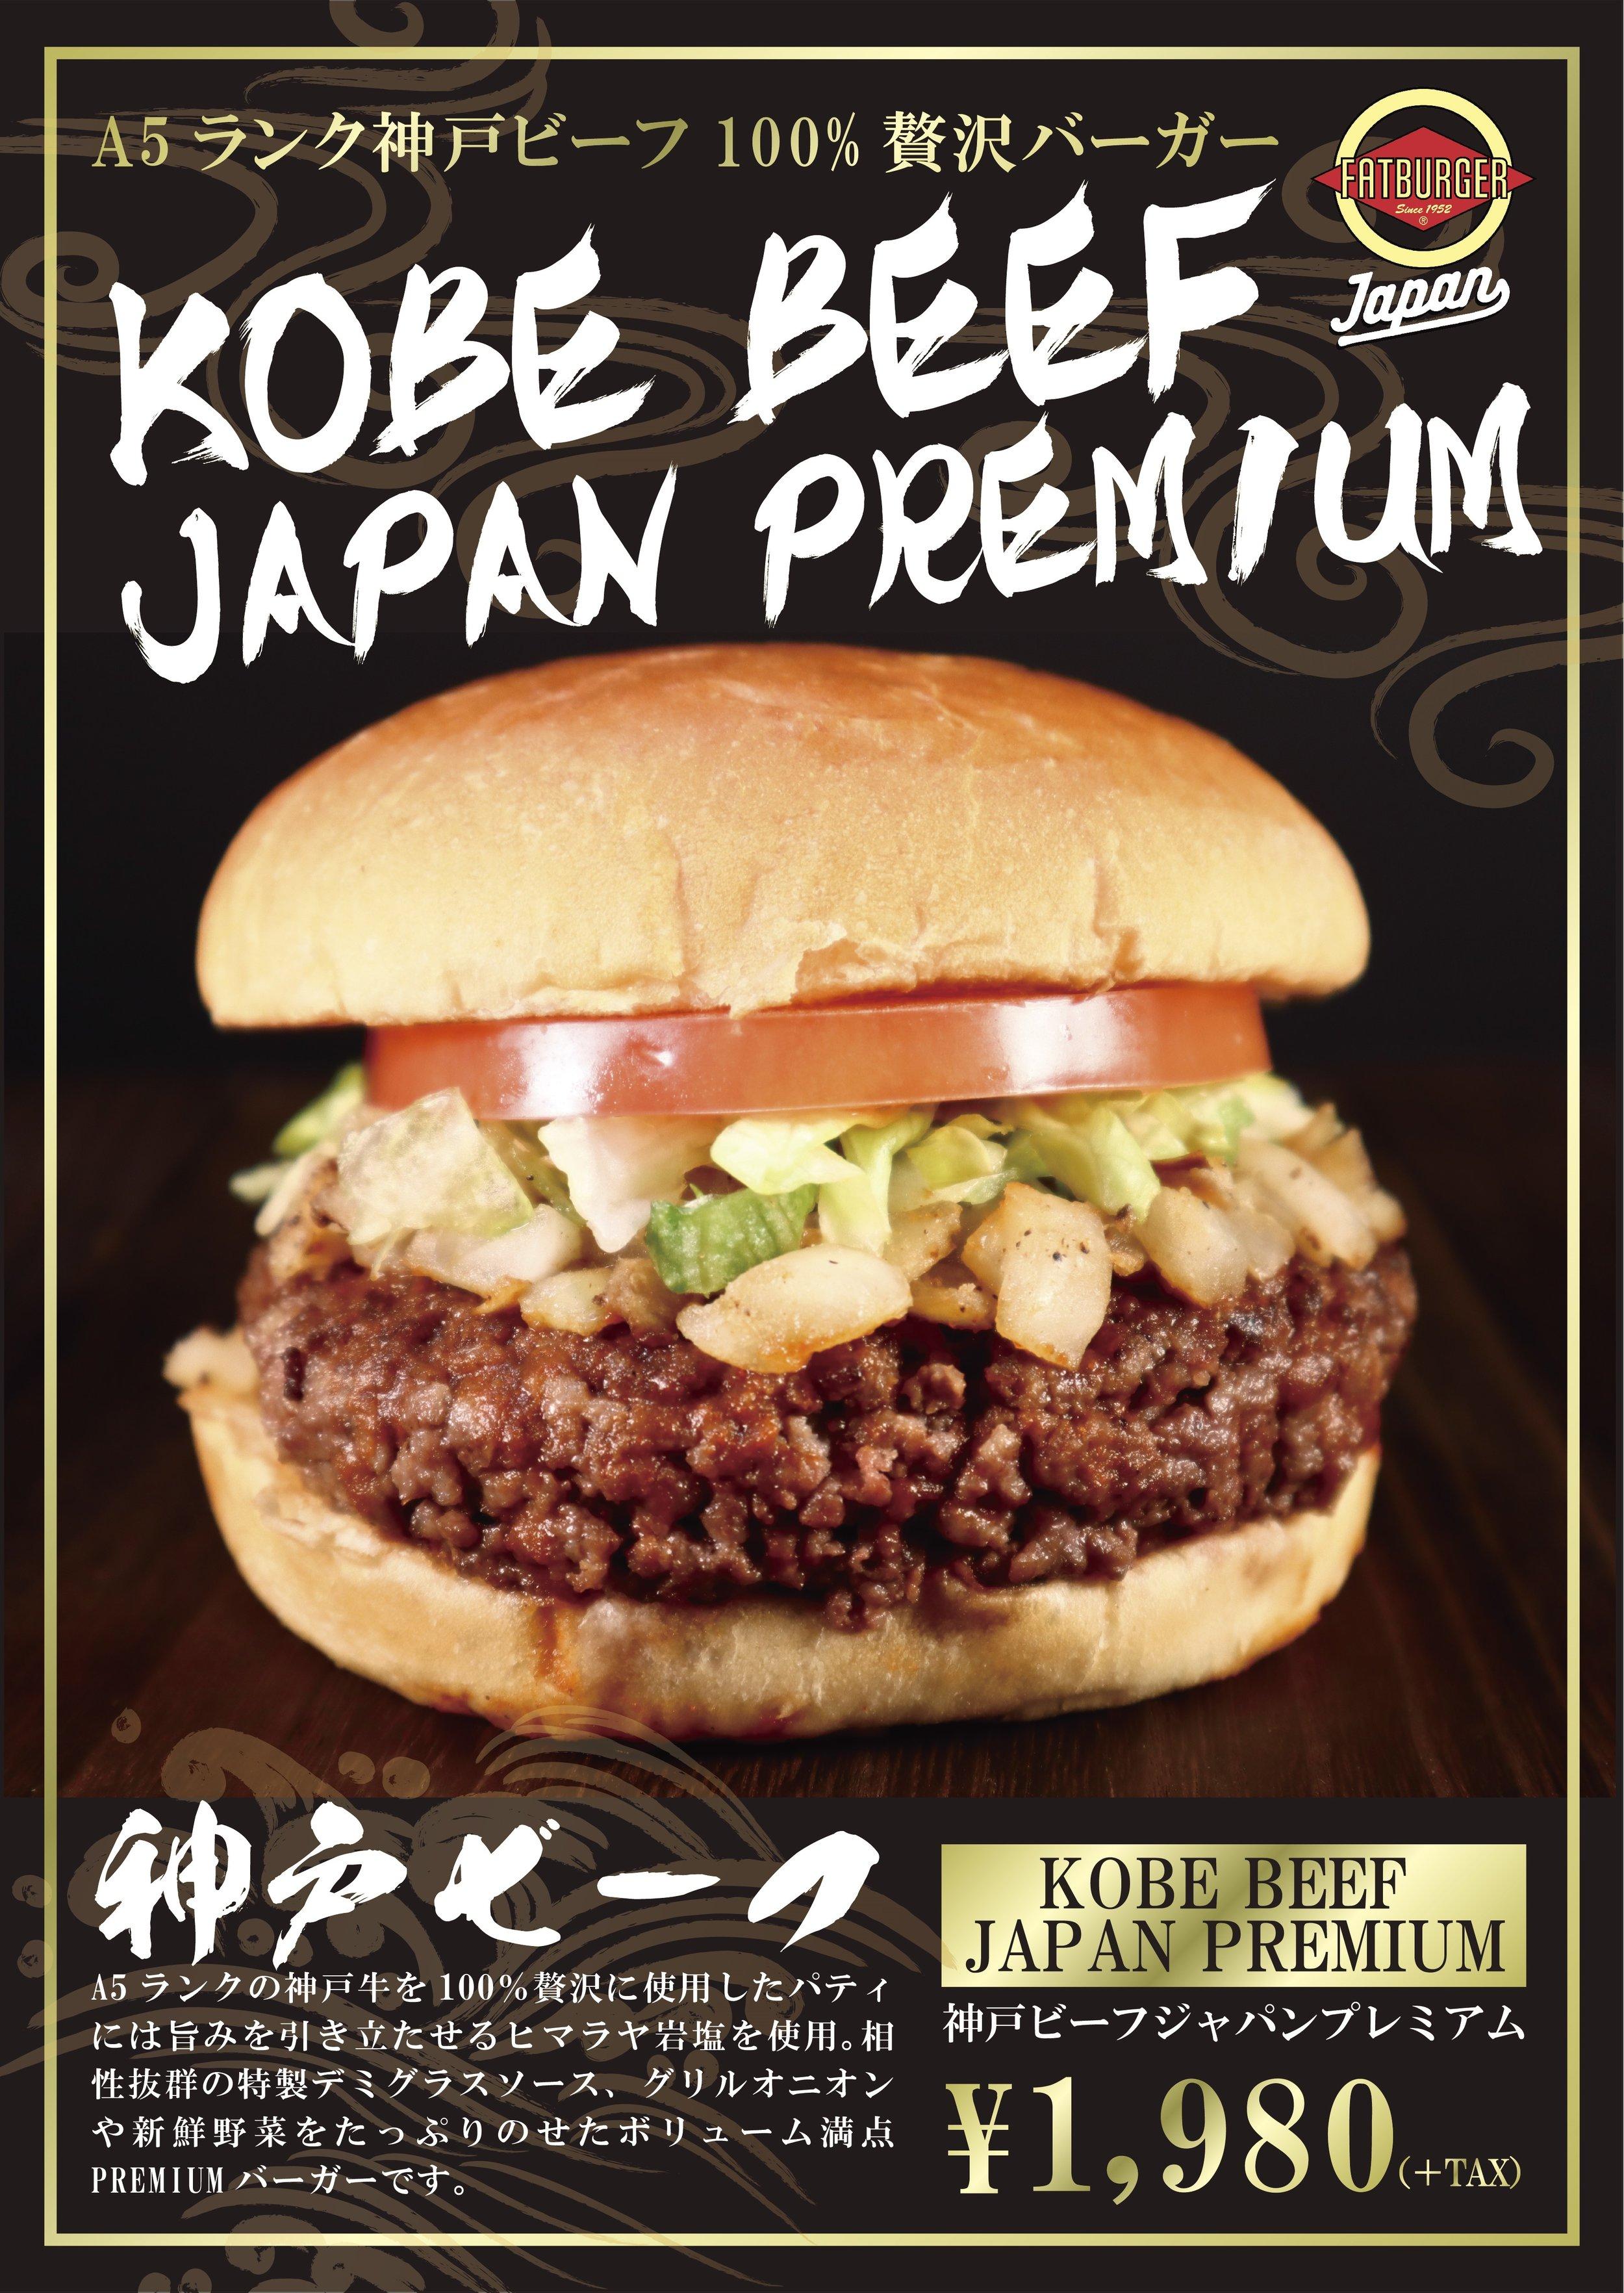 A5ランク神戸牛を100%贅沢に使用したパティには旨みを引き立たせるヒマラヤ岩塩を使用。  新鮮野菜とグリルオニオンをたっぷりのせて、特製デミグラスソースをかけたボリューム満点のPREMIUMバーガーです。チーズやベーコンなど数種類あるトッピングでカスタマイズもOK!FATBURGER  JAPANの1周年を記念して、個数限定・期間限定で販売致します。  商品名 神戸ビーフジャパンプレミアム  販売価格  ¥1,980(+TAX)  販売期間 2019年4月27日(土)~ 5月6日(月)